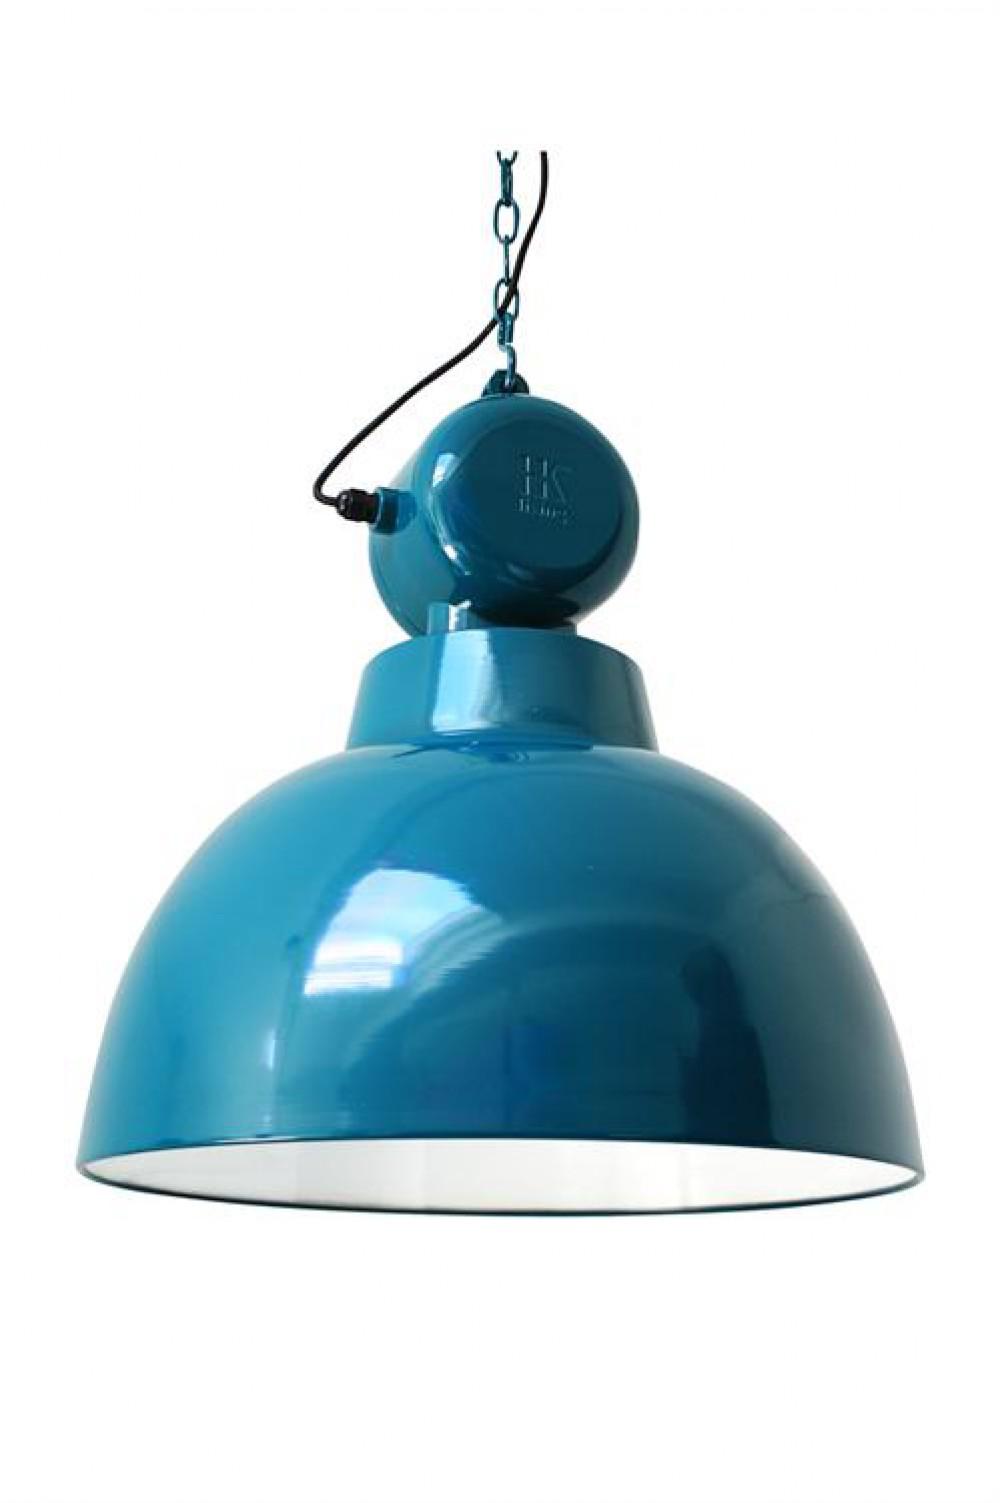 Faszinierend Lampe Industriedesign Das Beste Von Pendelleuchte Fabrikart, Lampe, Farbe Türkis-blau, Ø 50